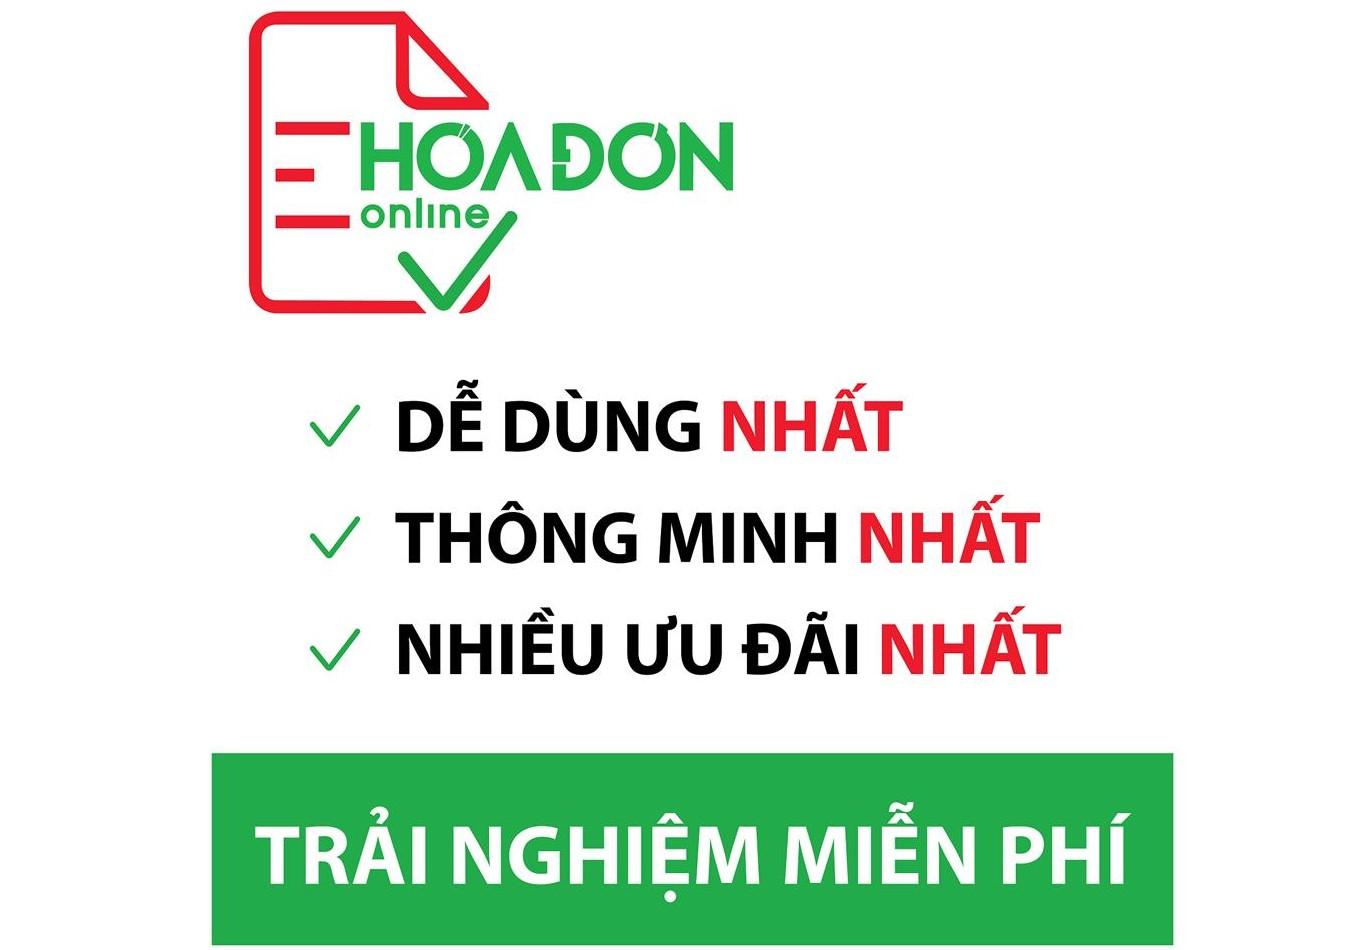 Đừng bỏ nhỡ cơ hội nhận quà này từ eHoaDon Online